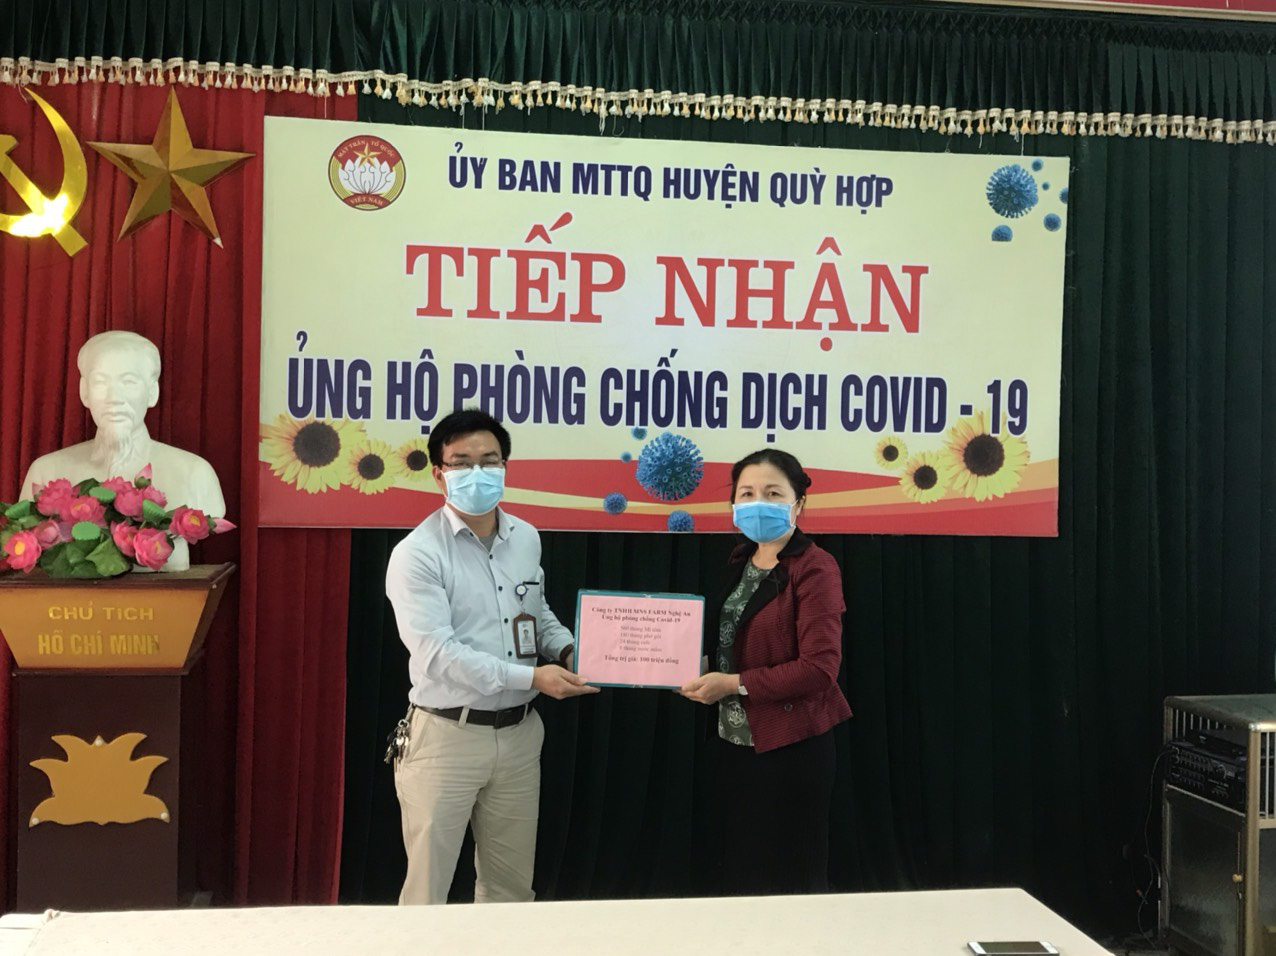 Masan Consumer trao tặng 10.000 phần quà cho công nhân các khu công nghiệp tại TP.HCM